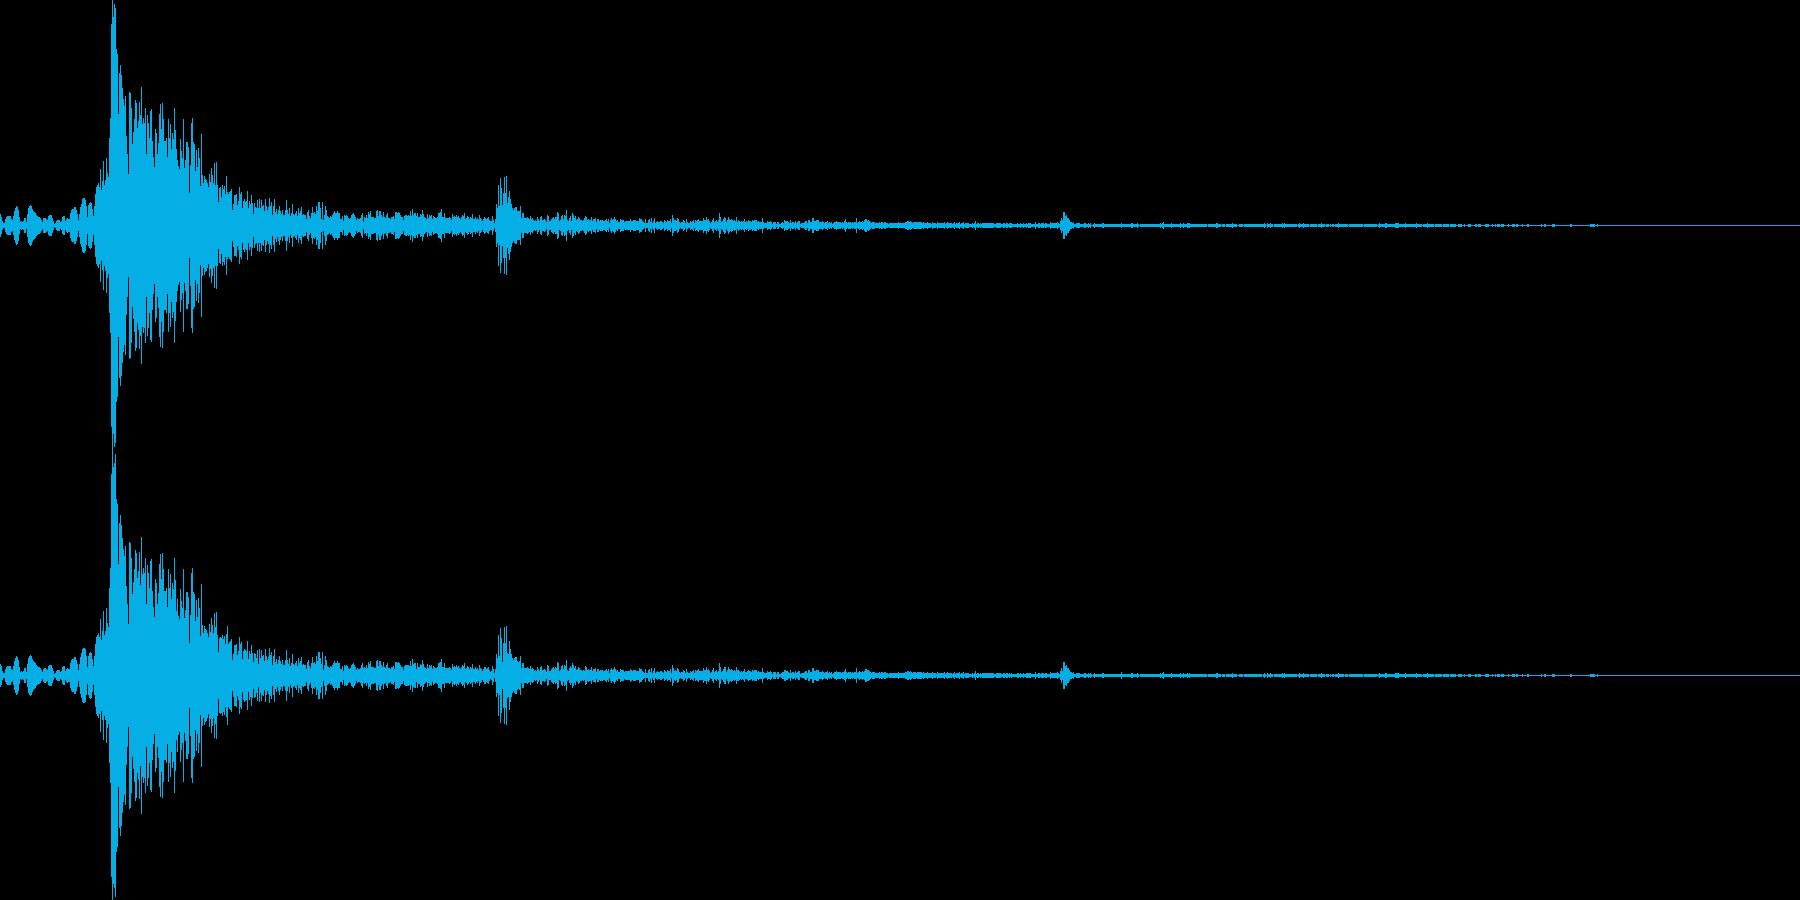 【銃声音001】銃の発砲音の再生済みの波形